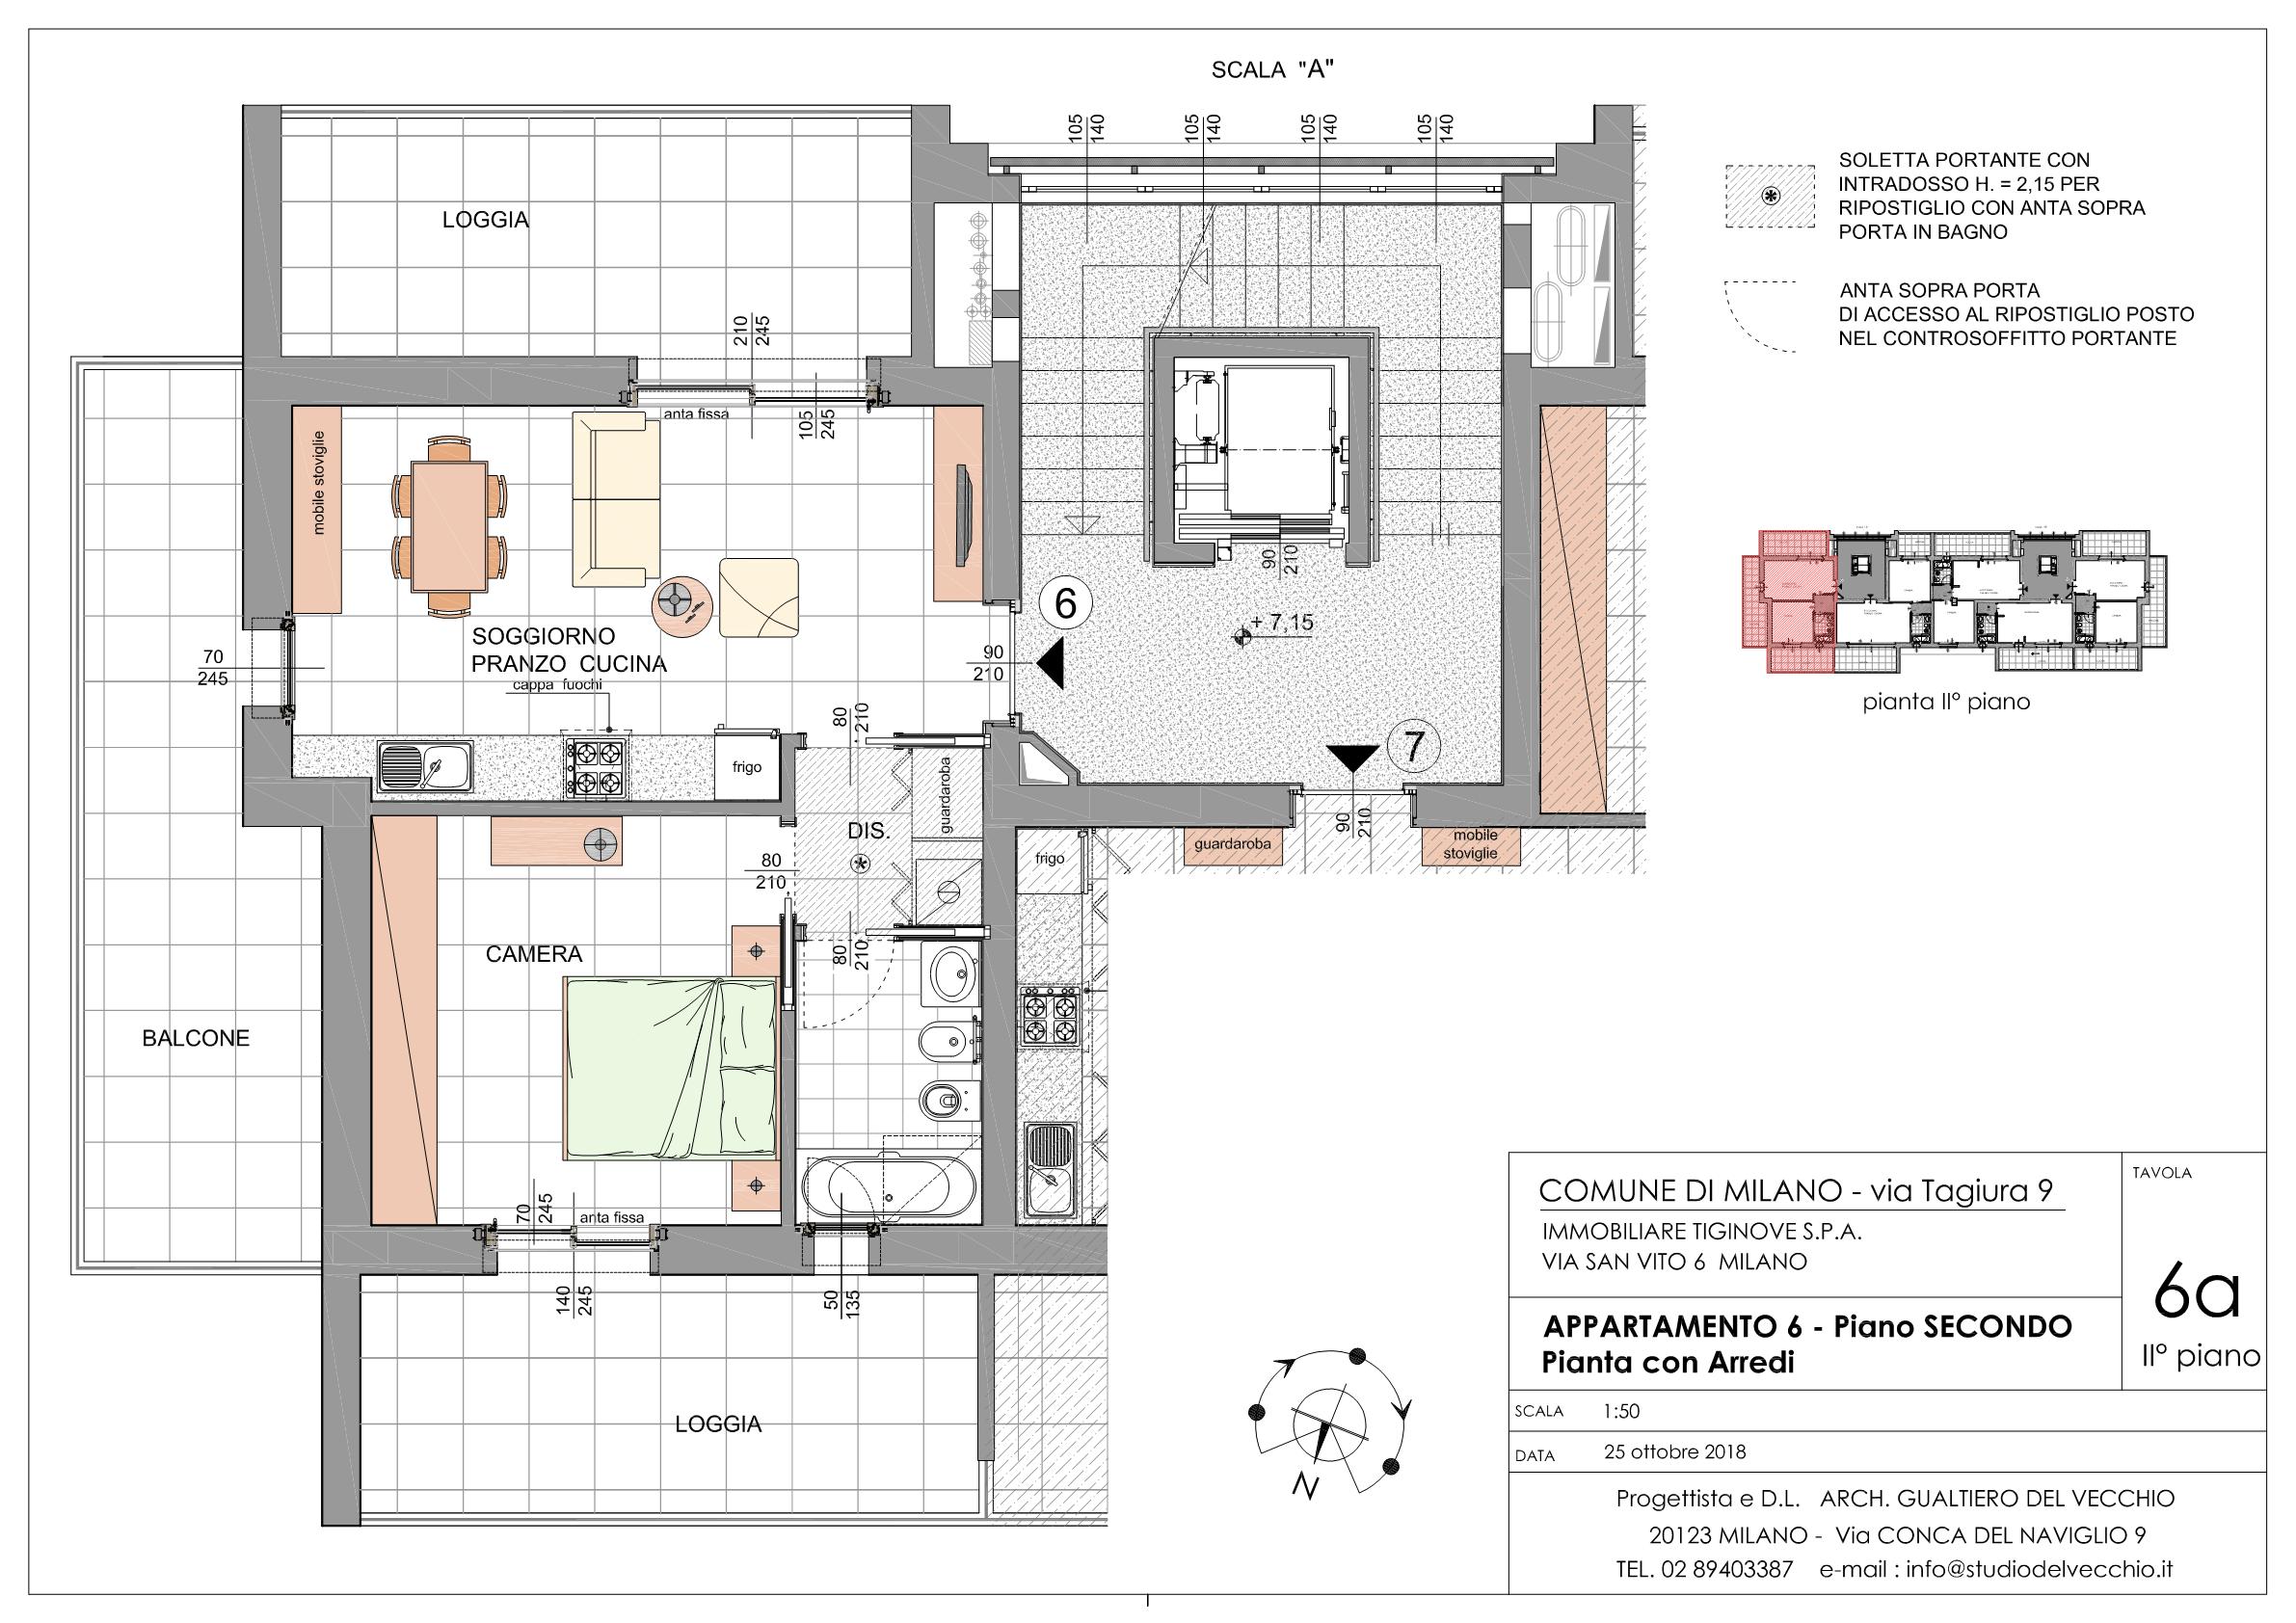 Bilocale Classe A3 Via Tagiura 9 (Appartamento 6)